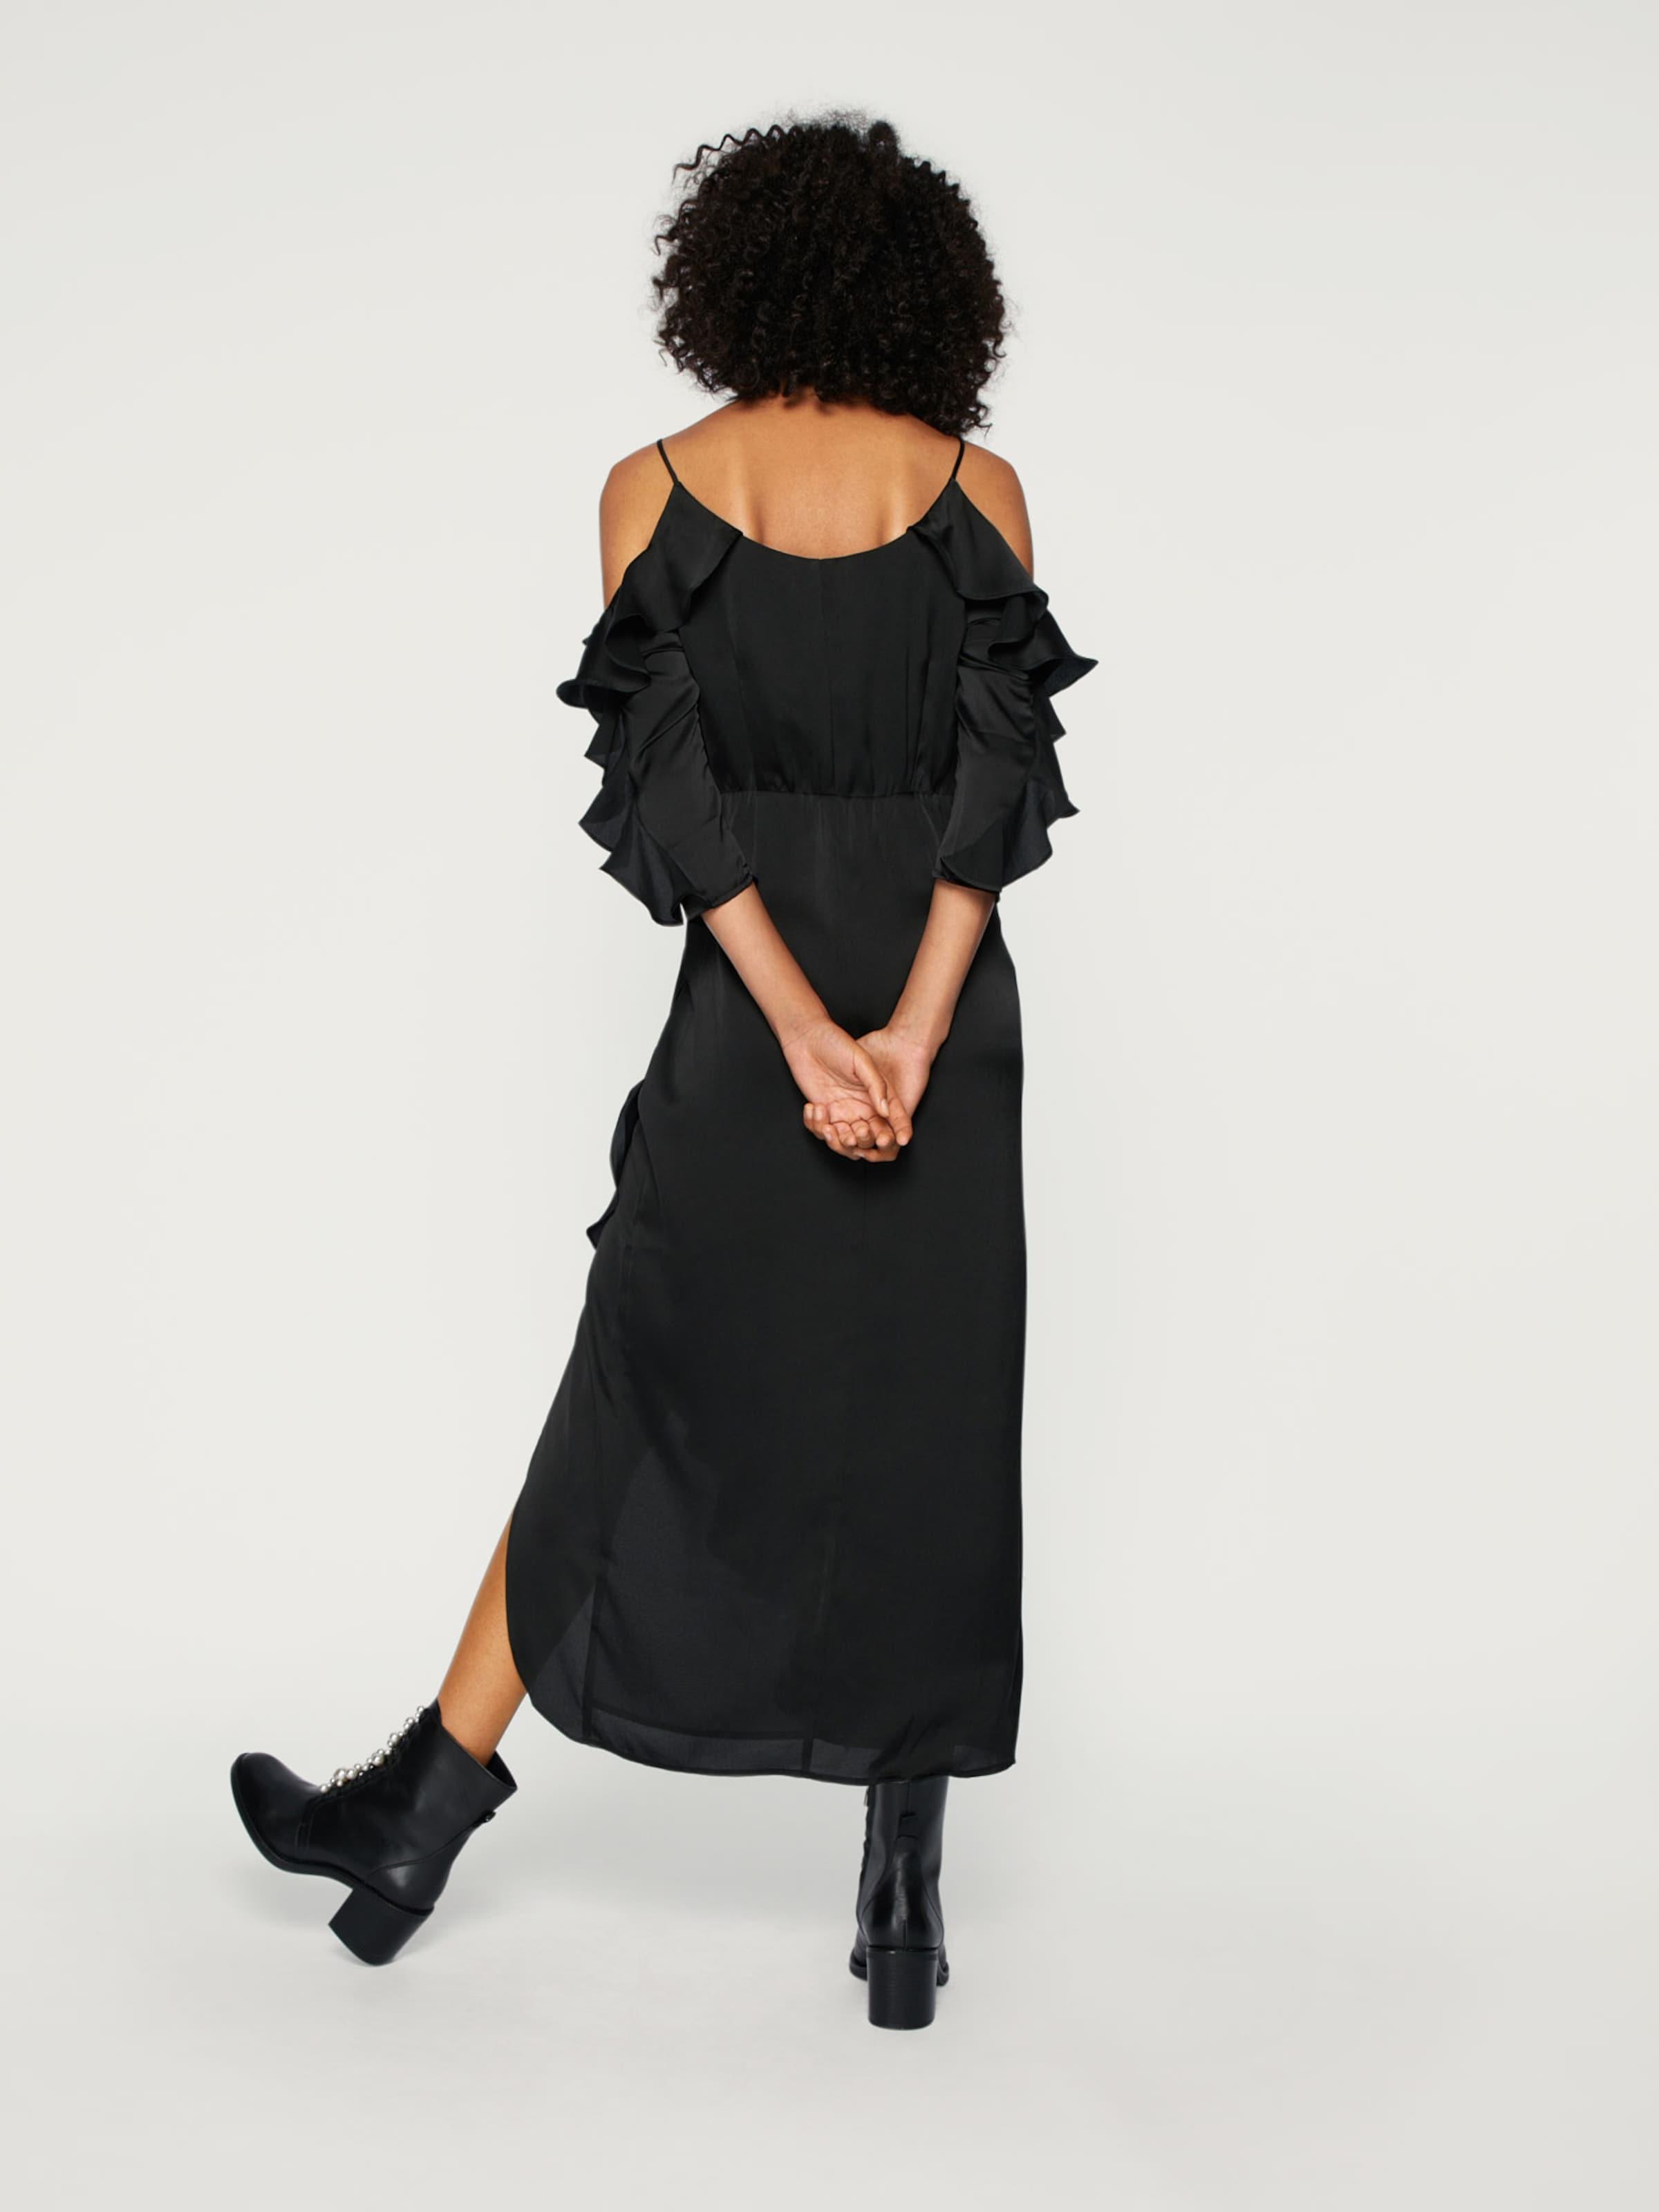 Günstiger Preis Großhandel Footlocker Bilder Online EDITED the label Kleid 'Jolina' Wirklich Günstig Online Outlet-Store Billig Verkauf 100% Authentisch qN5Ukdg